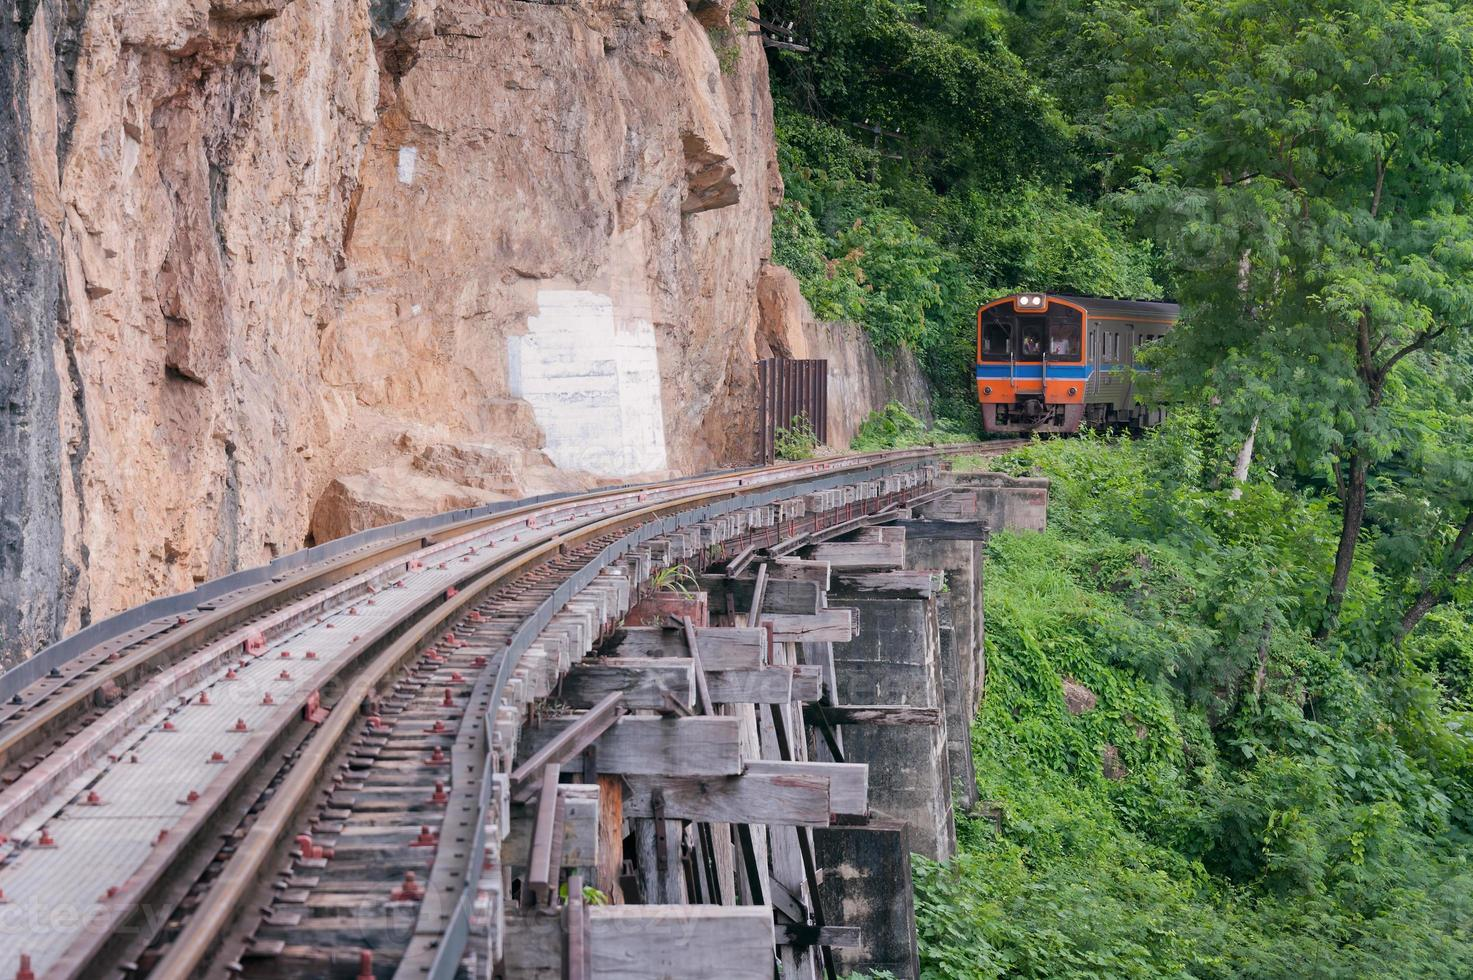 tren sobre riel antiguo al lado del acantilado. foto